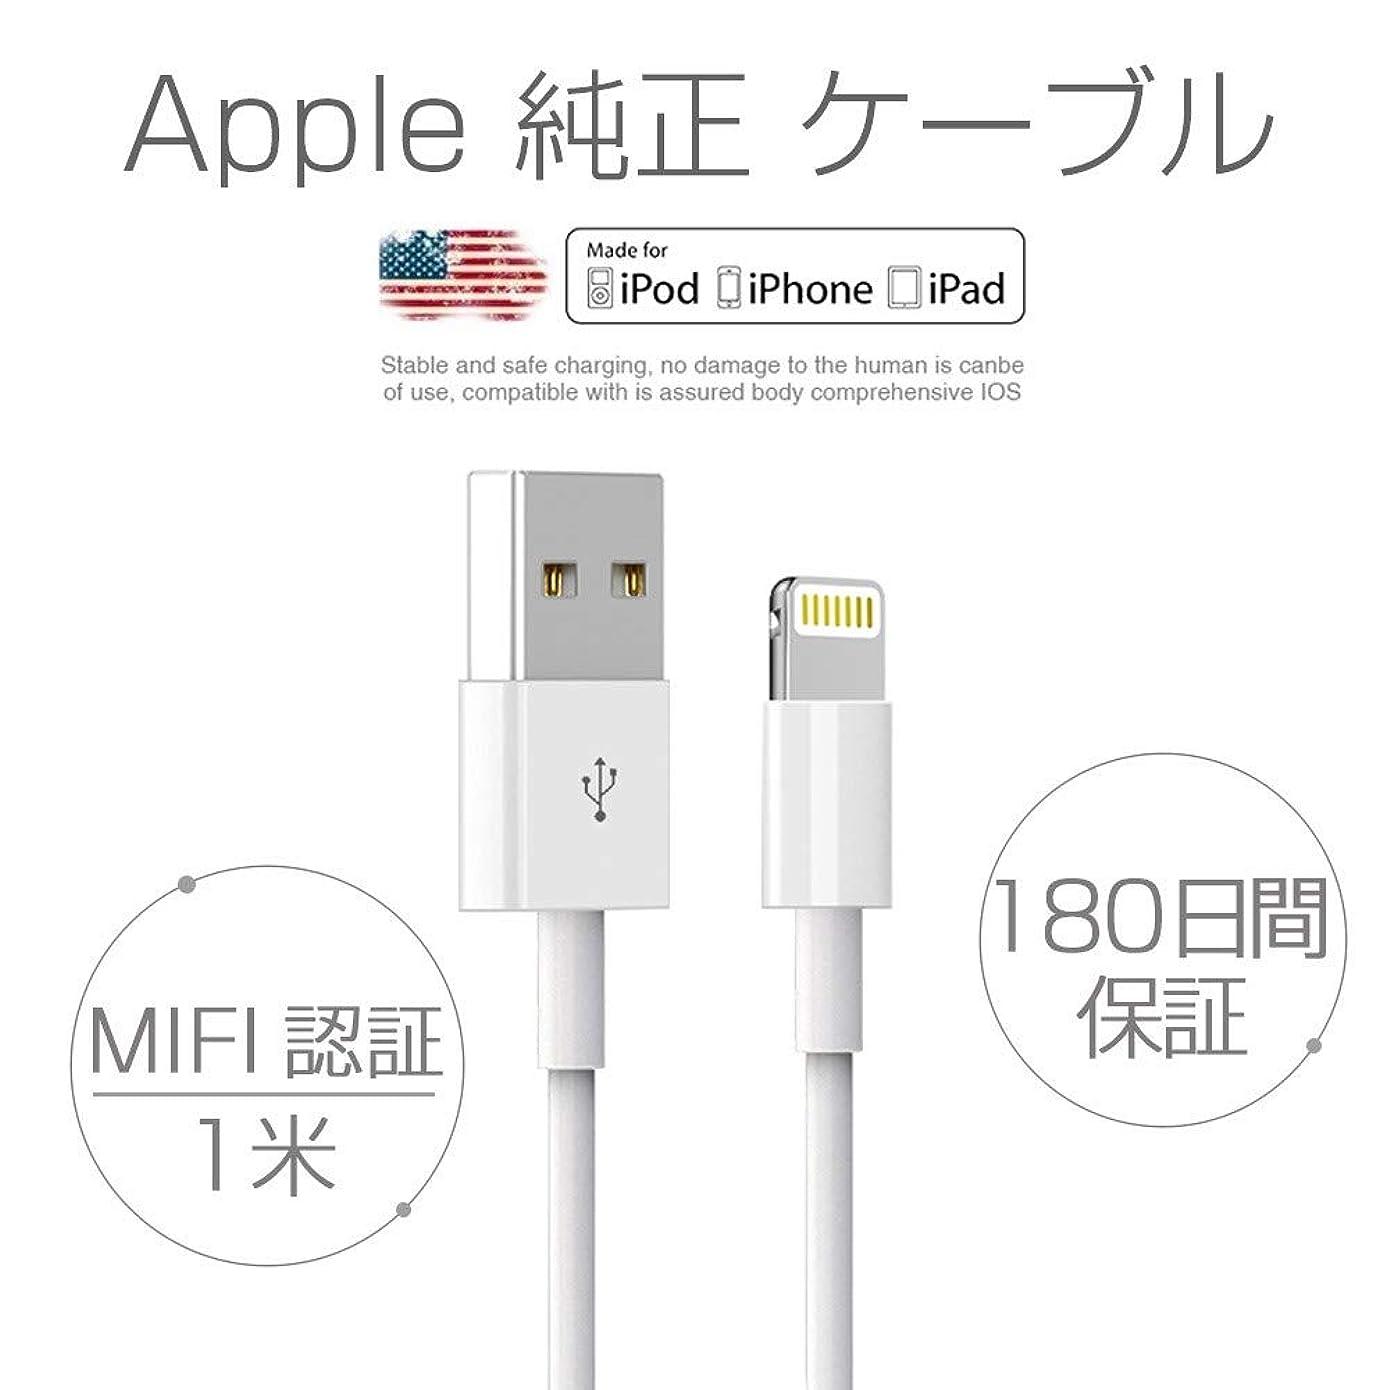 ウェブ軽量緩やかなiPhone純正ケーブル ライトニングケーブル iPhone 充電 ケーブル アイフォン Apple 純正 lightning アップル 1m